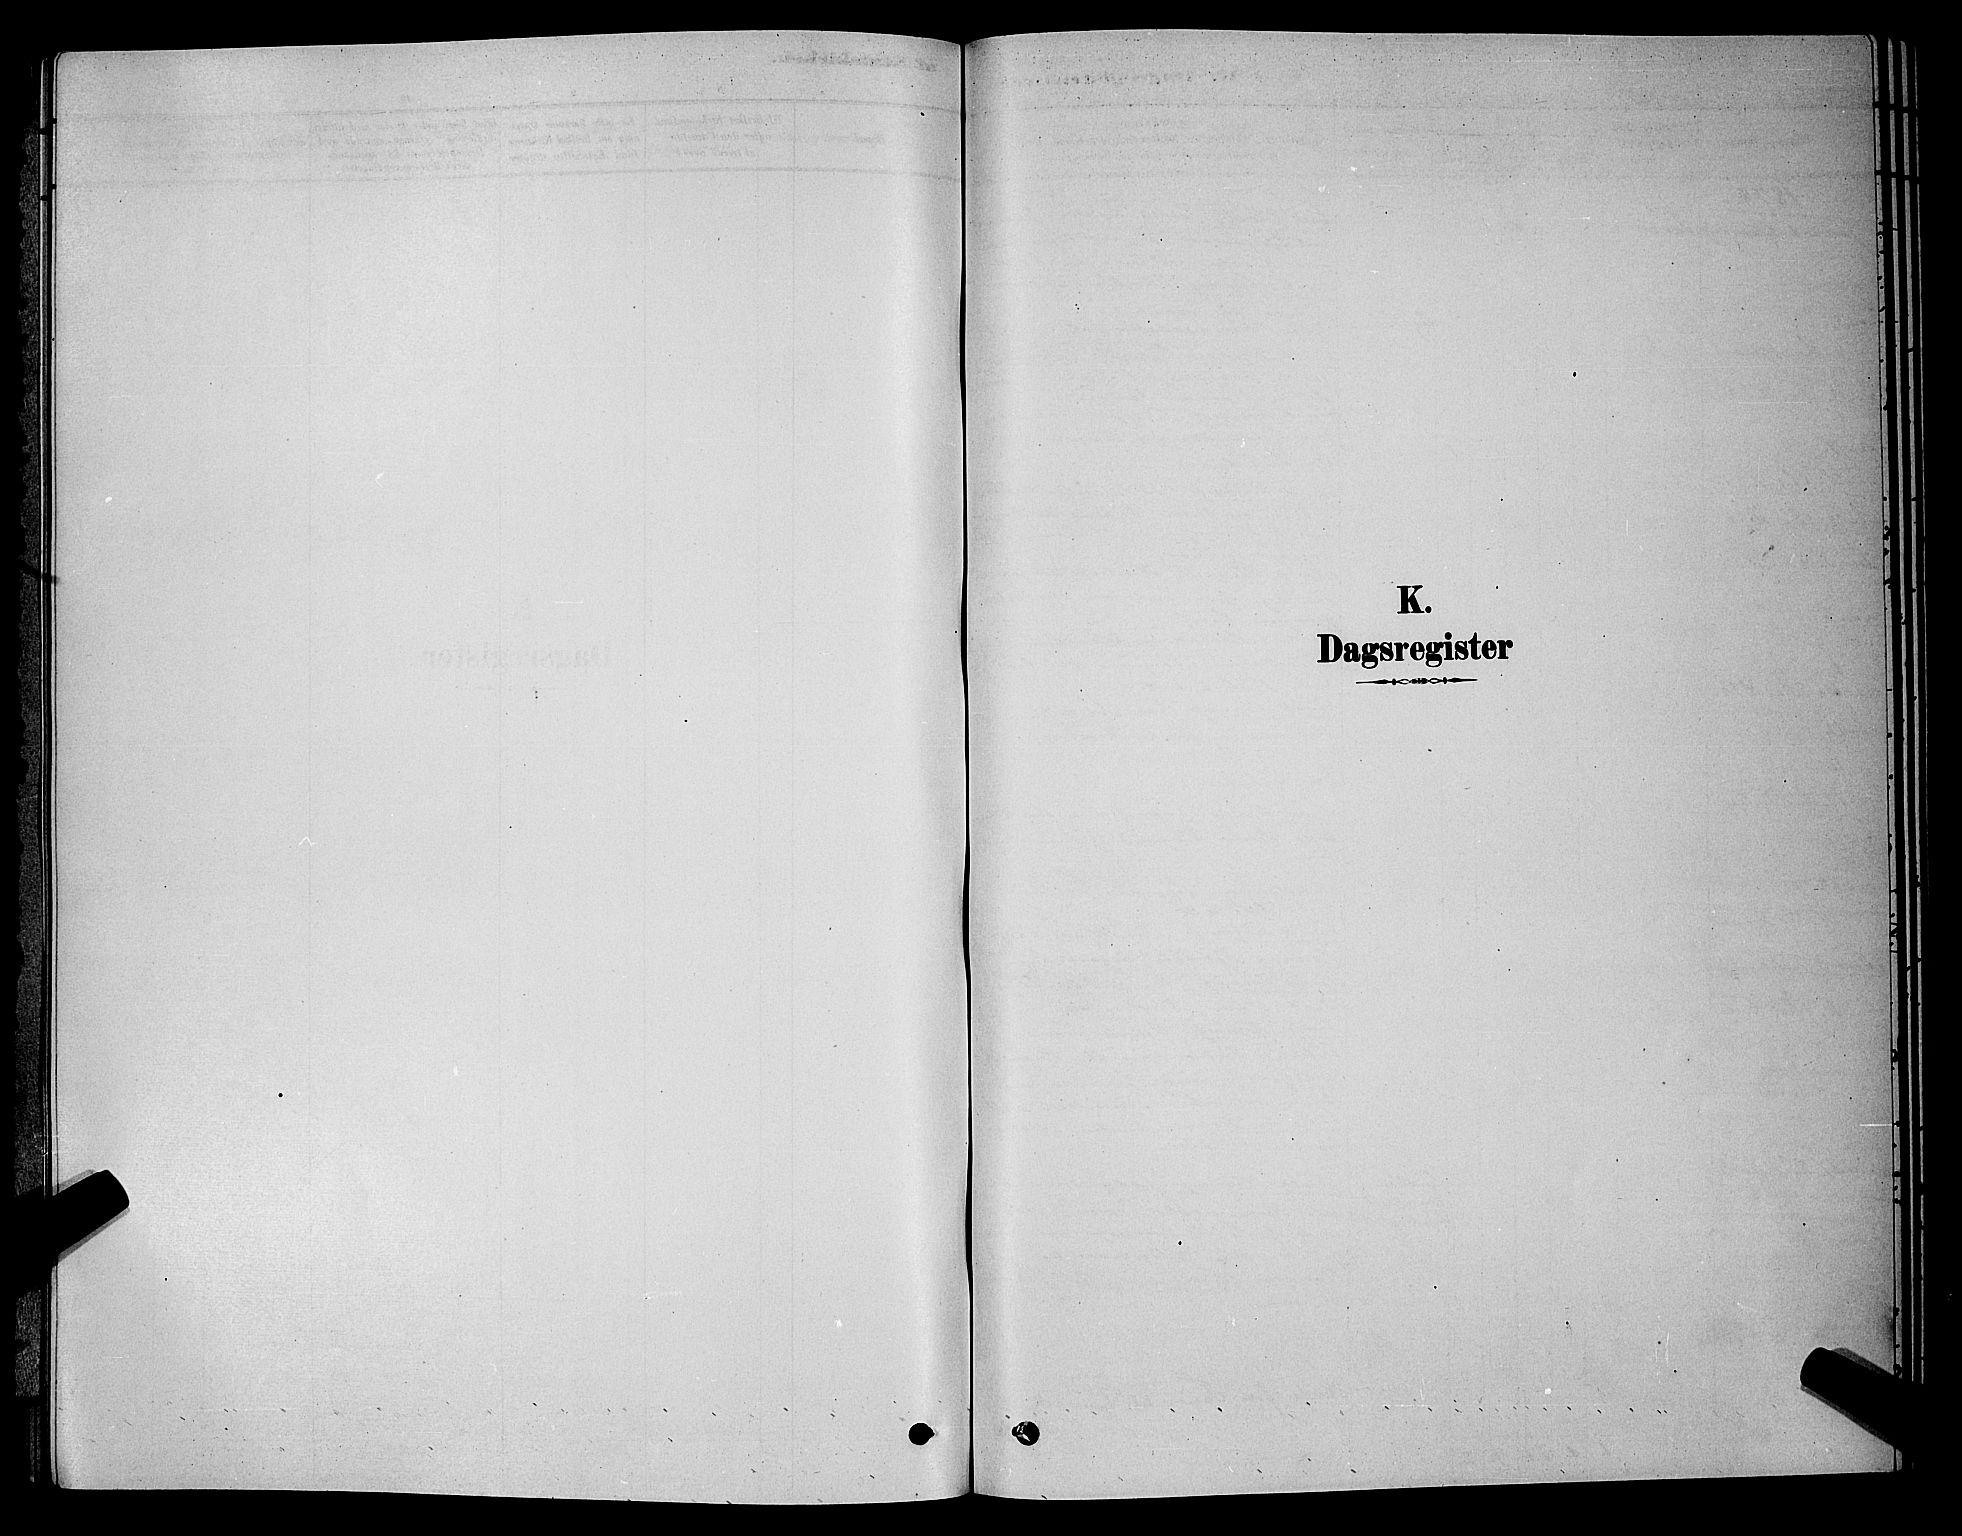 SATØ, Tana sokneprestkontor, H/Hb/L0003klokker: Klokkerbok nr. 3, 1878-1890